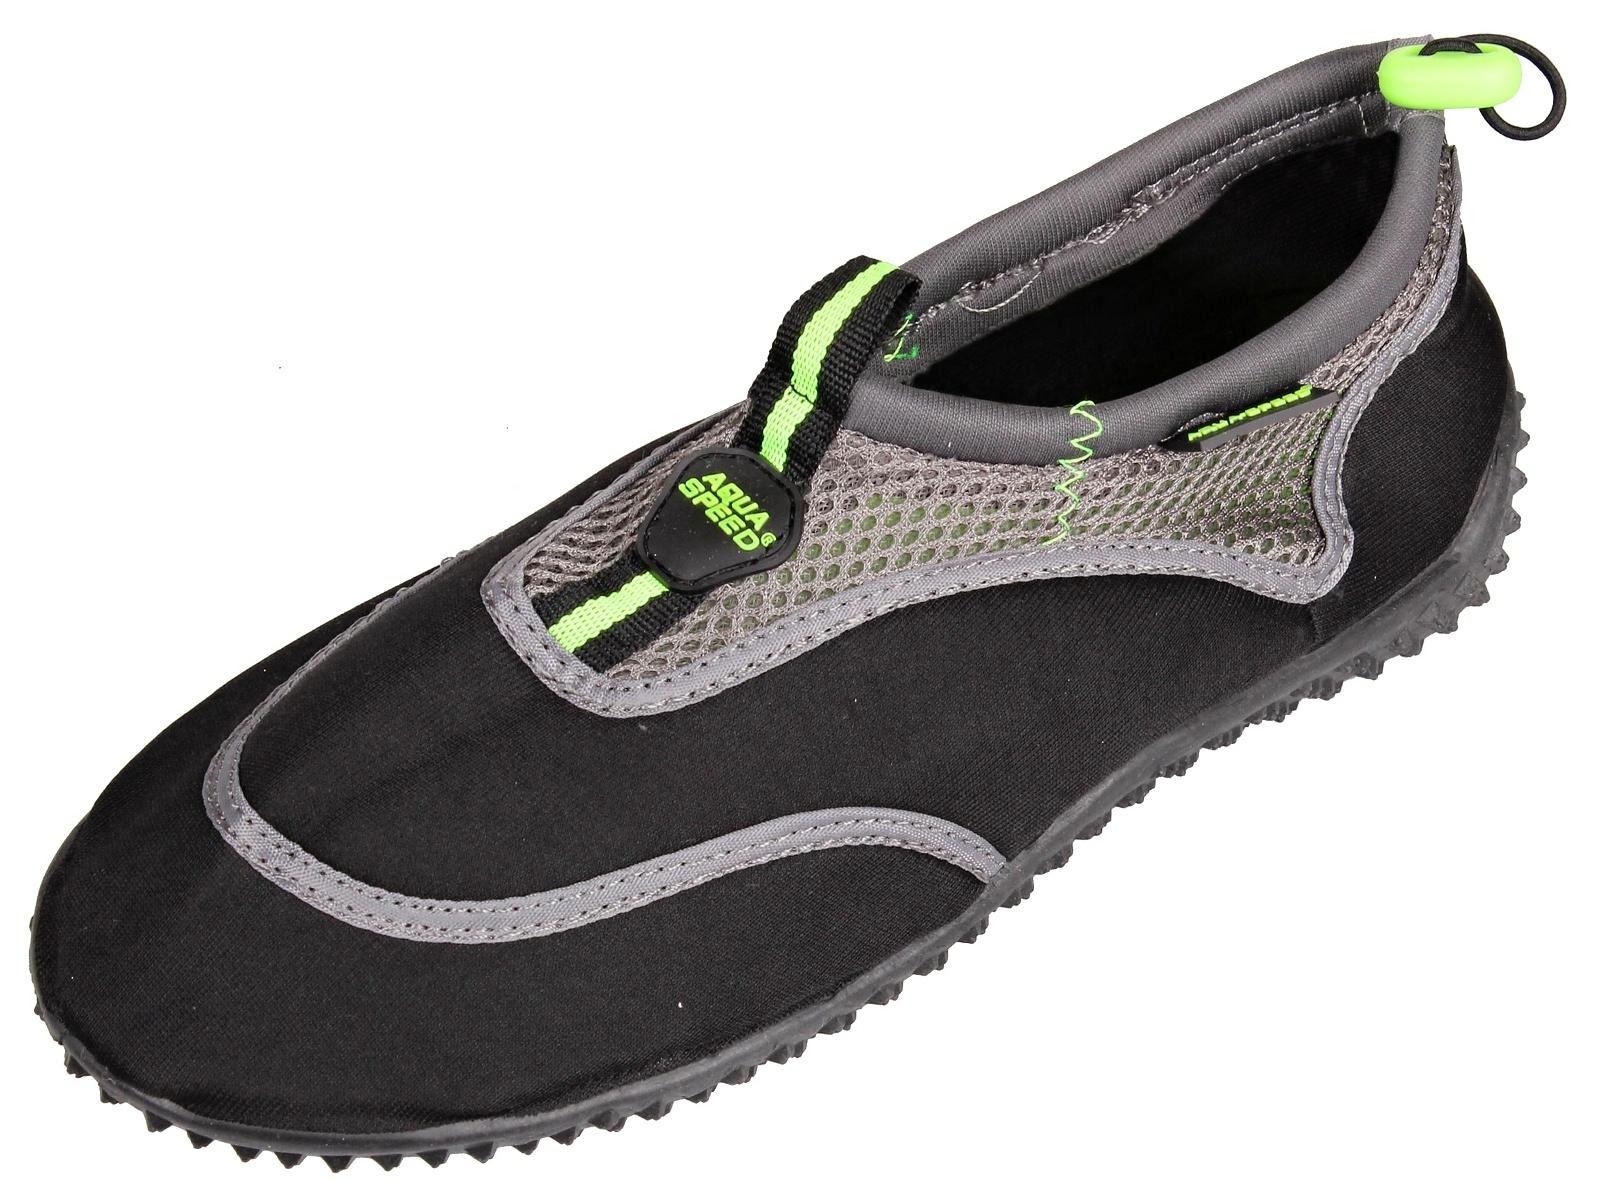 Topánky do vody AQUA-SPEED 5 - veľ. 42